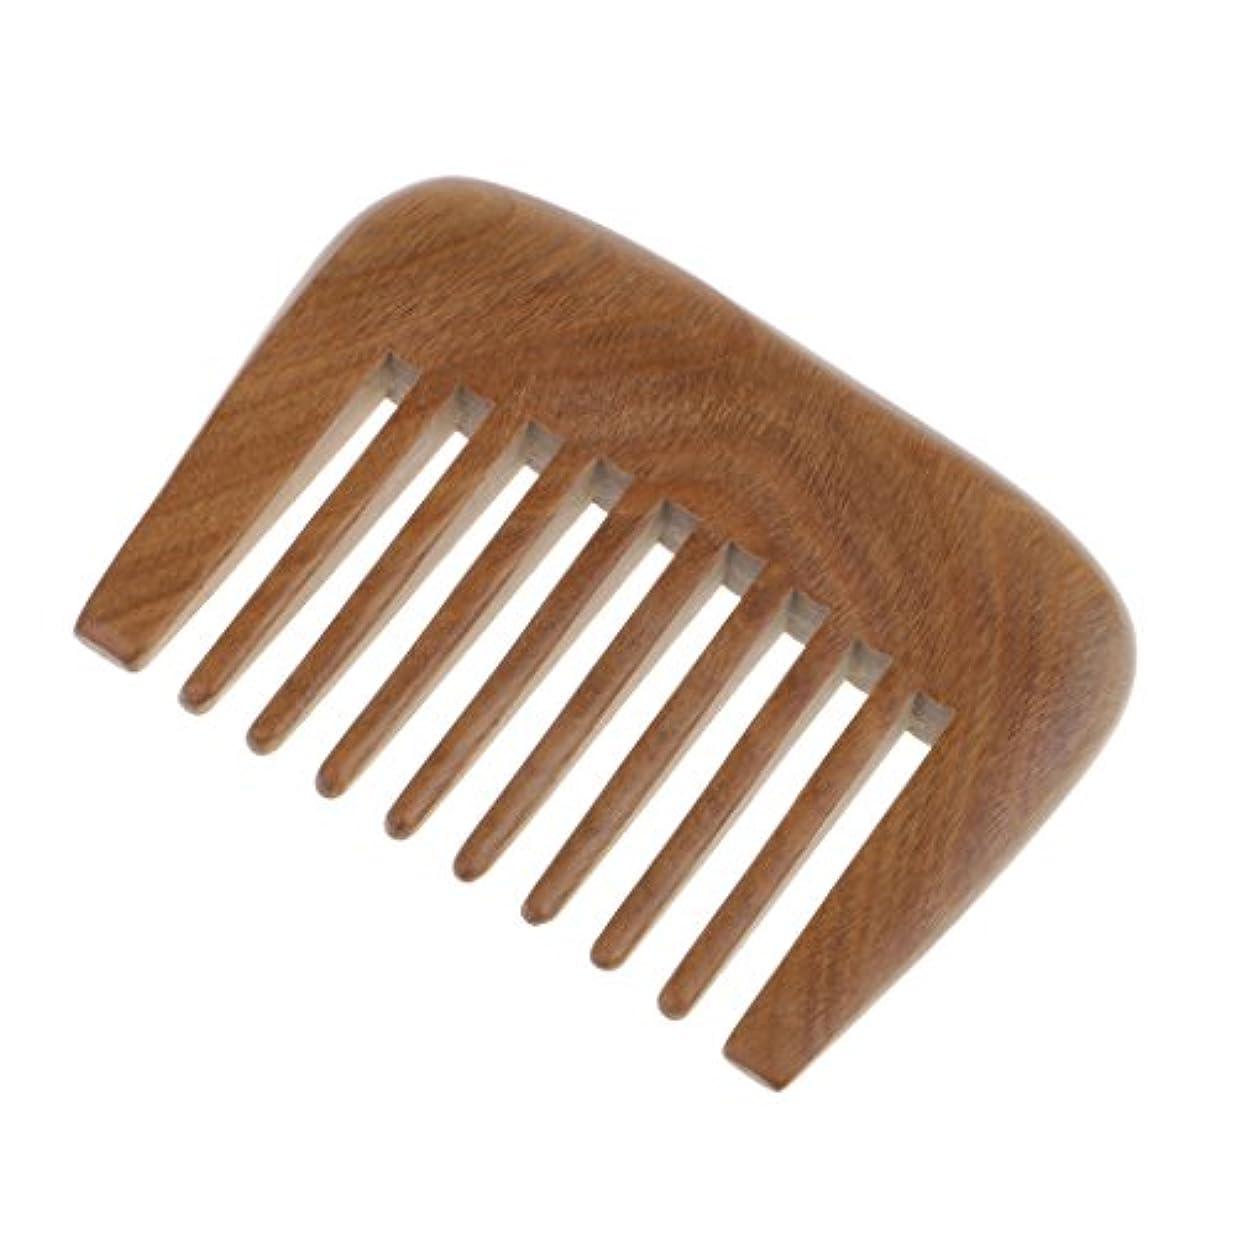 絶妙テニス適度なToygogo 木製のくしの毛の広い歯のポケットの毛のくしの毛のもつれを取り除くくしの毛のマッサージャーのブラシの緑の白檀